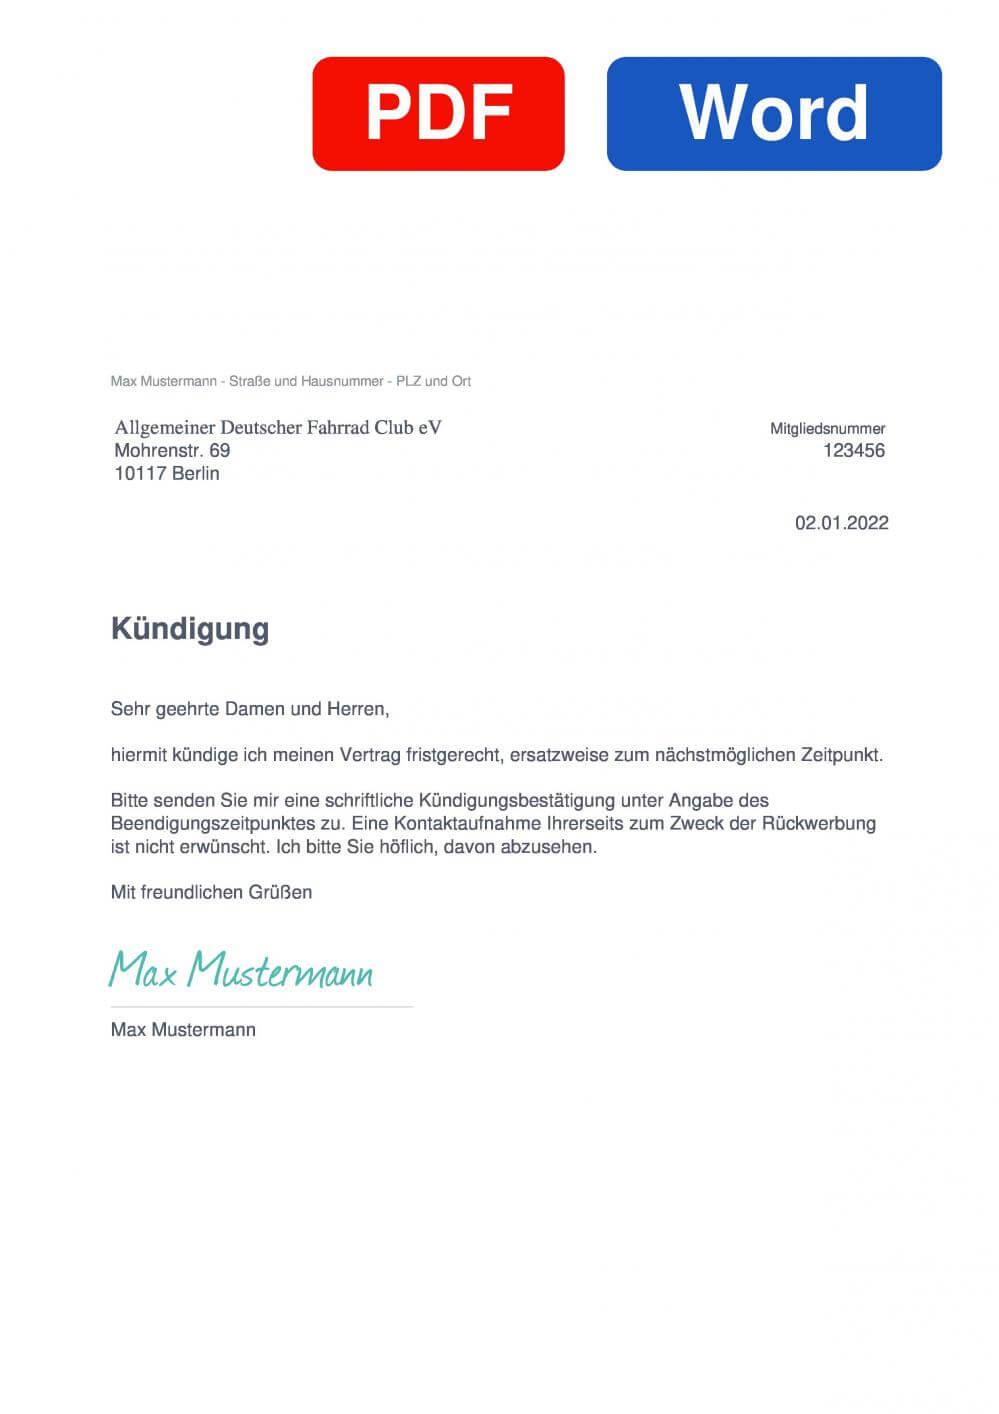 ADCF Muster Vorlage für Kündigungsschreiben